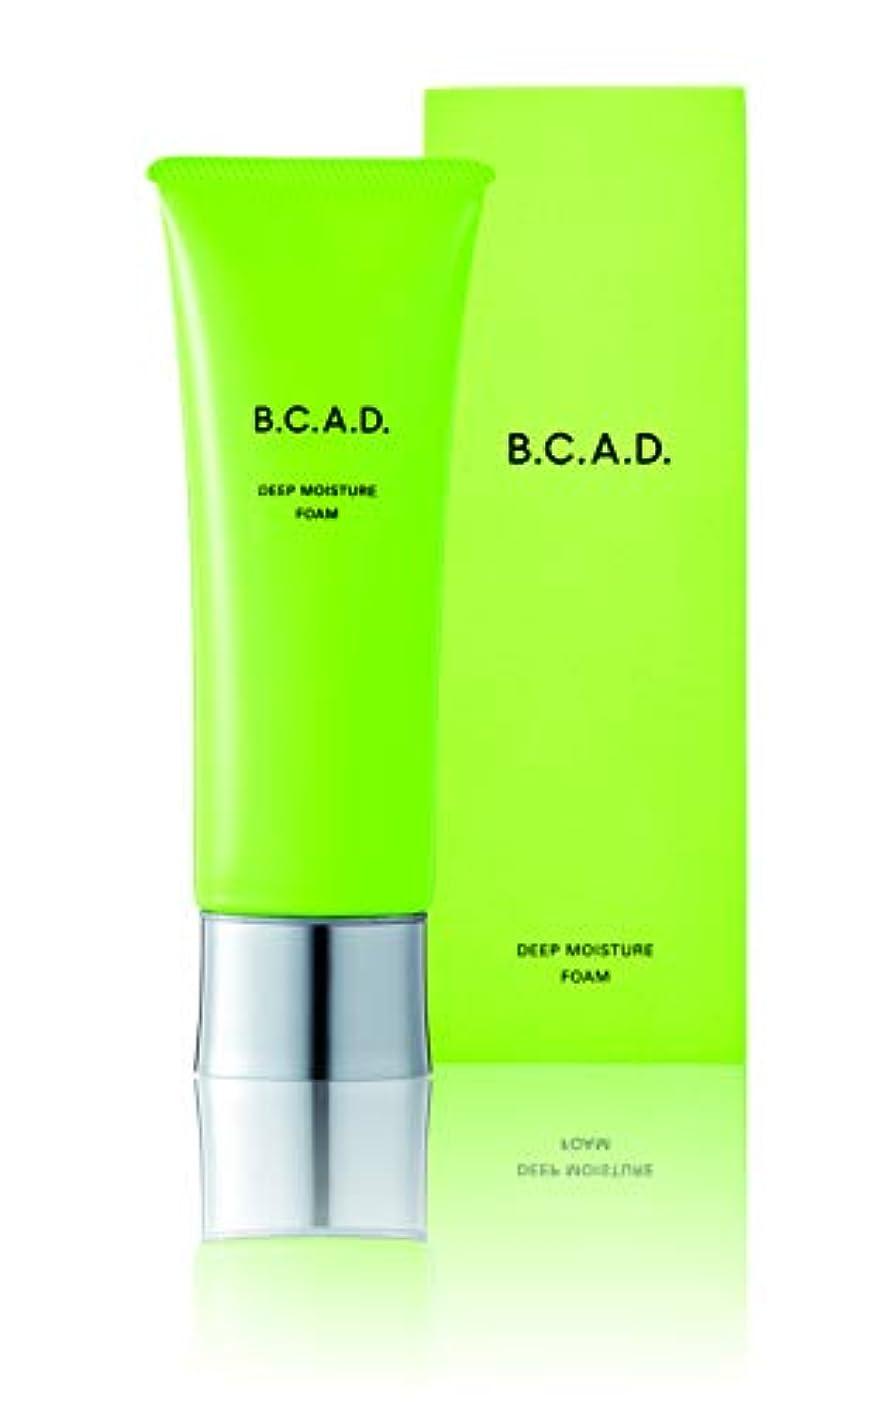 性別爬虫類信頼ビーシーエーディー(B.C.A.D.) B.C.A.D.(ビーシーエーディー) ディープモイスチャーフォームa 120g 洗顔